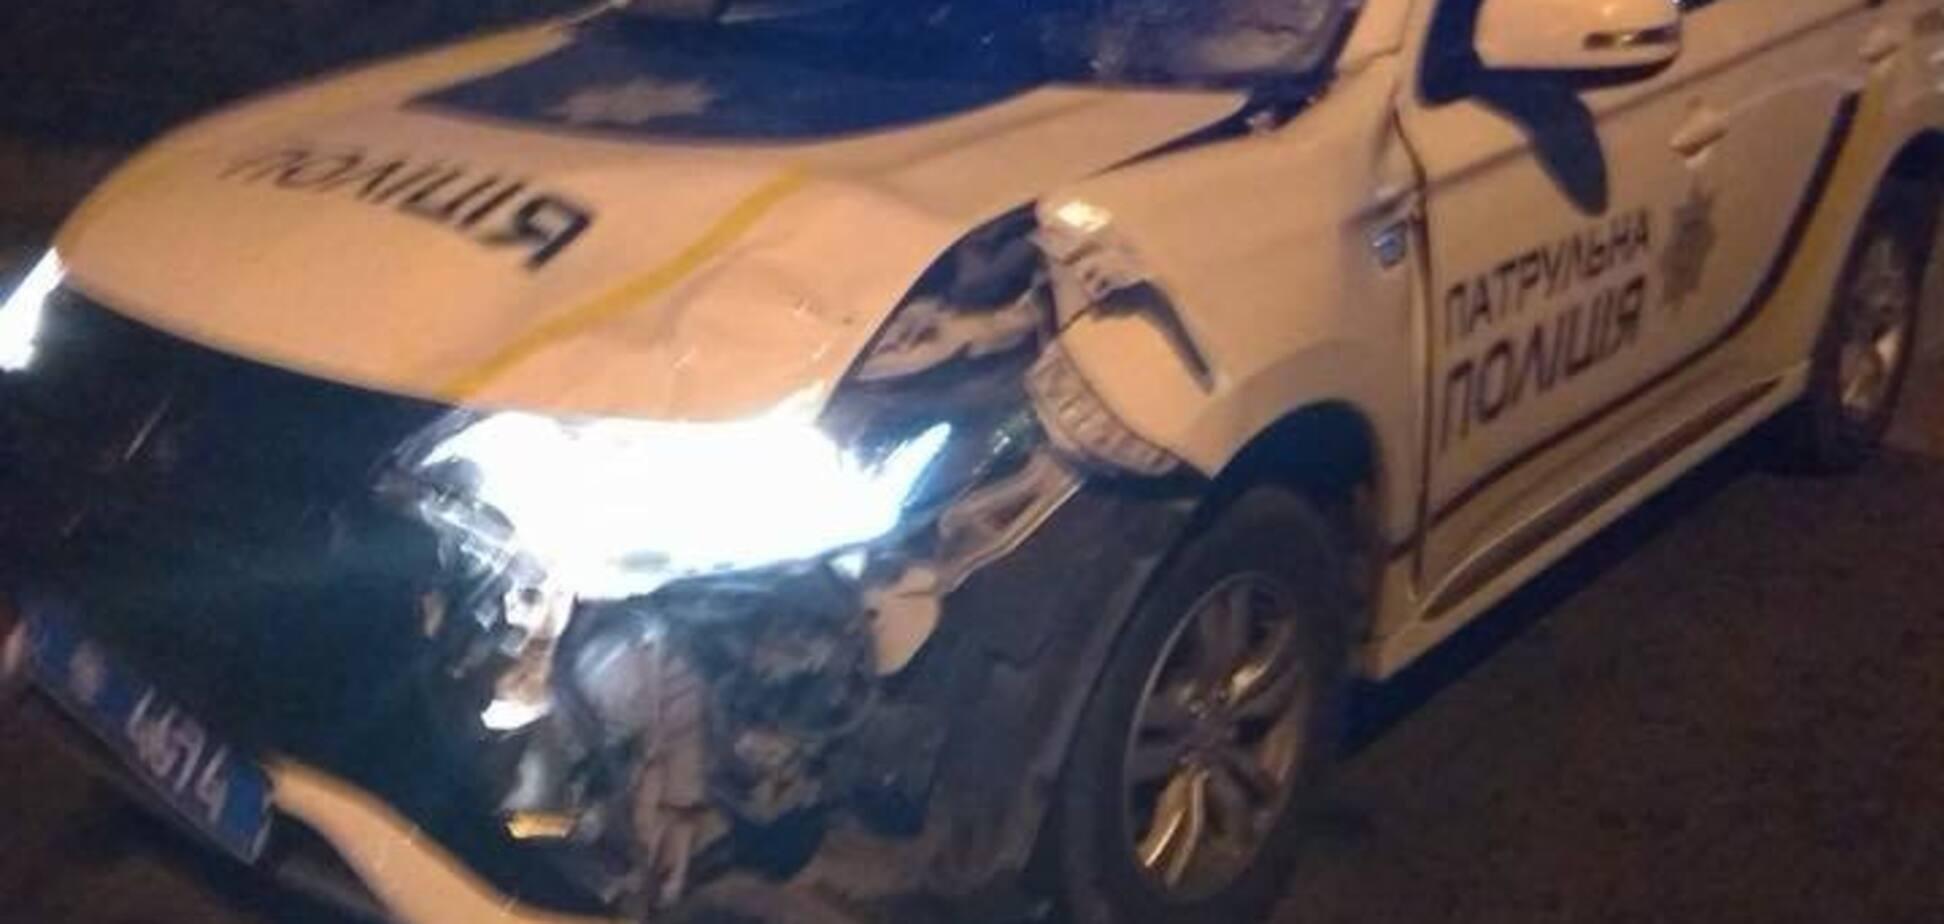 В Черновцах авто полиции насмерть сбило пешехода: все подробности